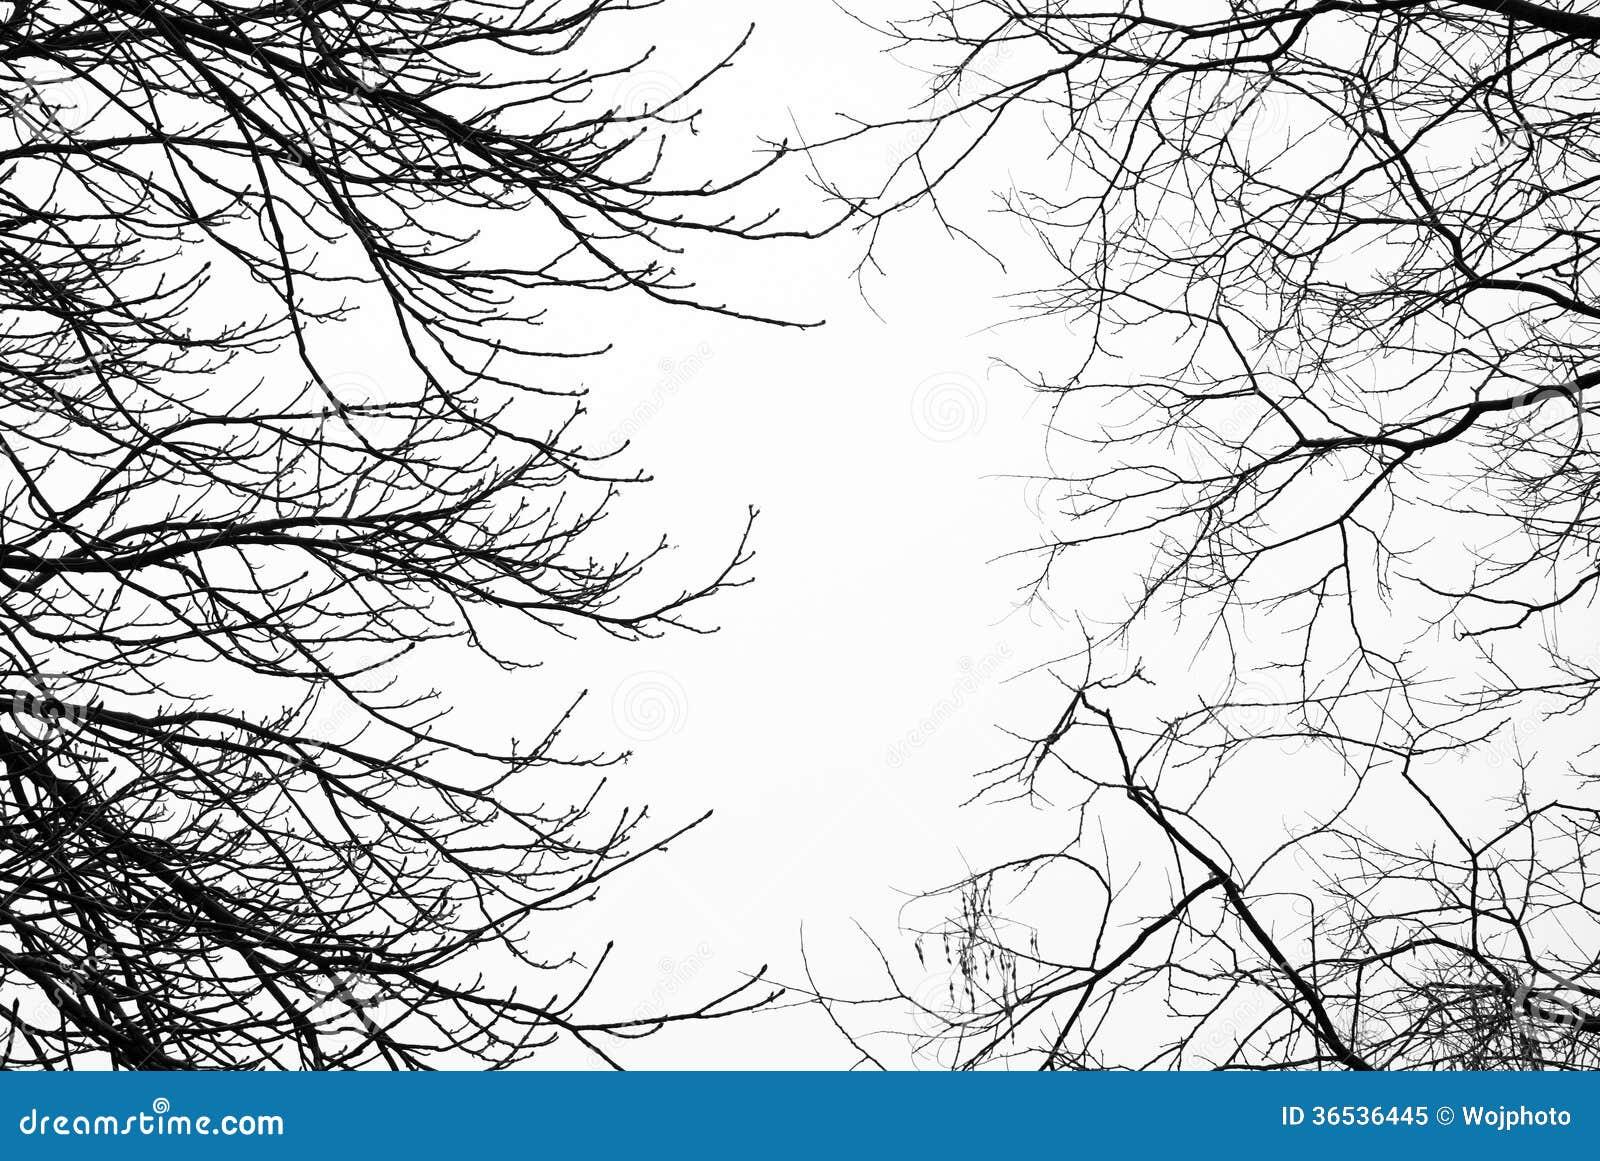 D couvrez les branches d 39 arbre sans feuilles avec le ciel blanc derri re photo libre de droits - Se couper les veines sans douleur ...